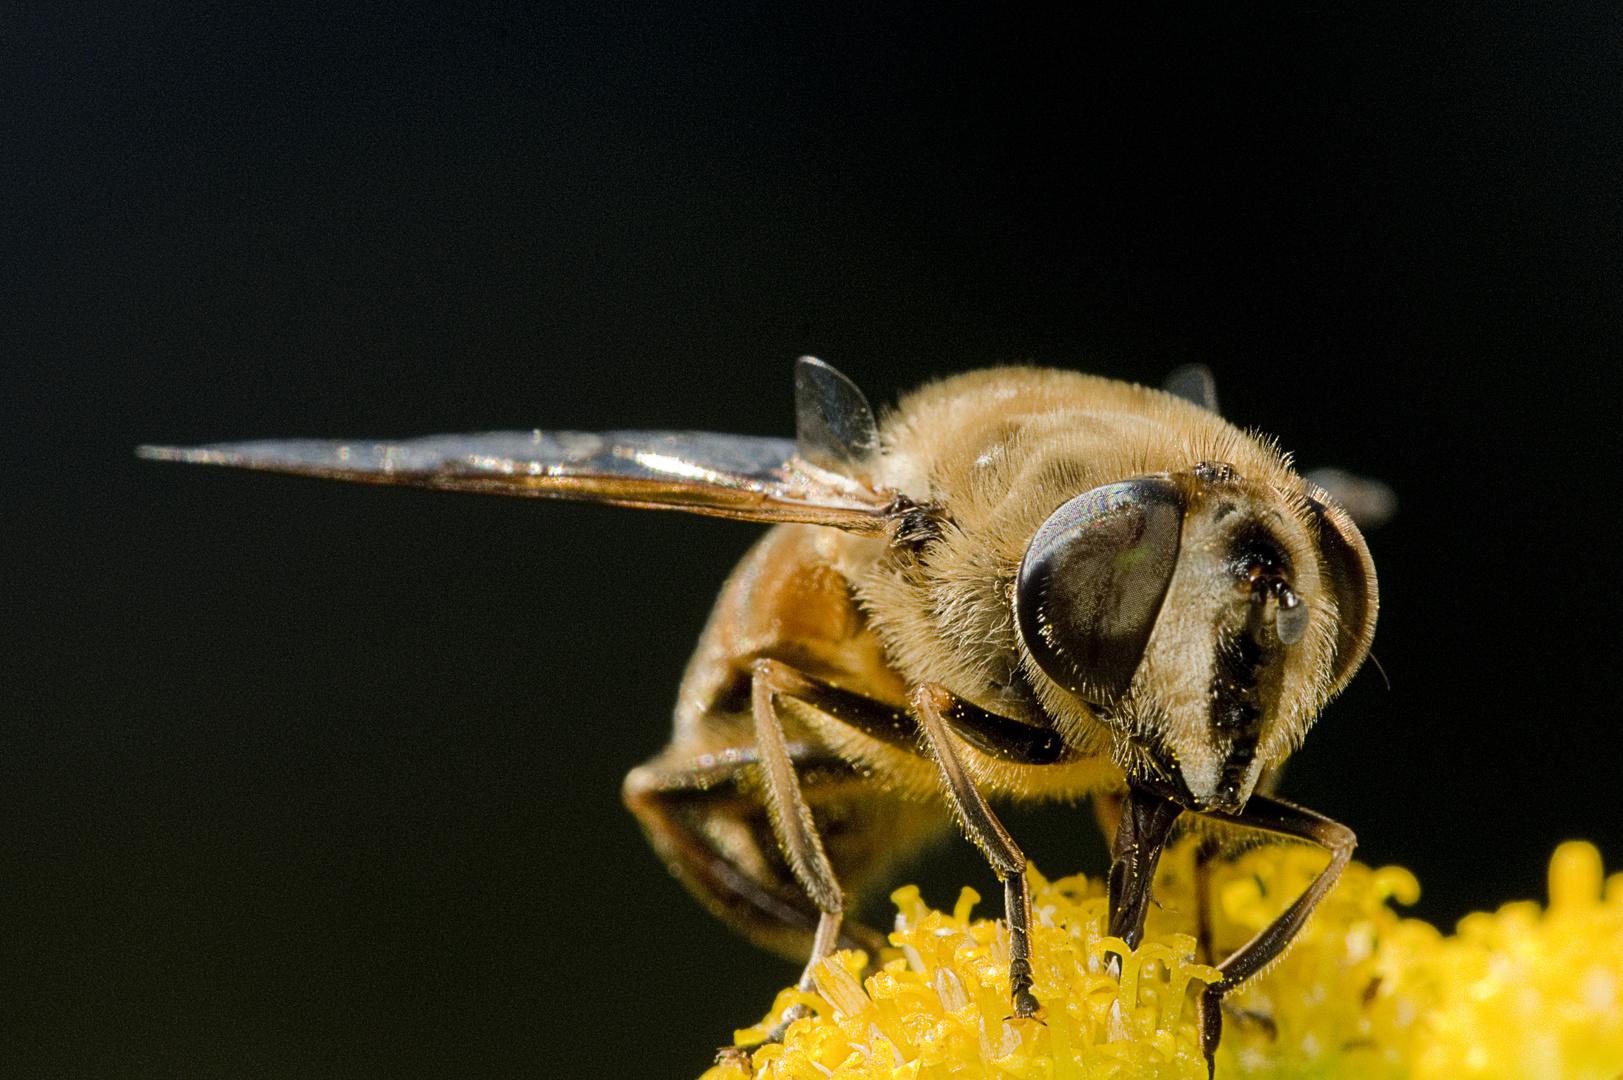 Fly01